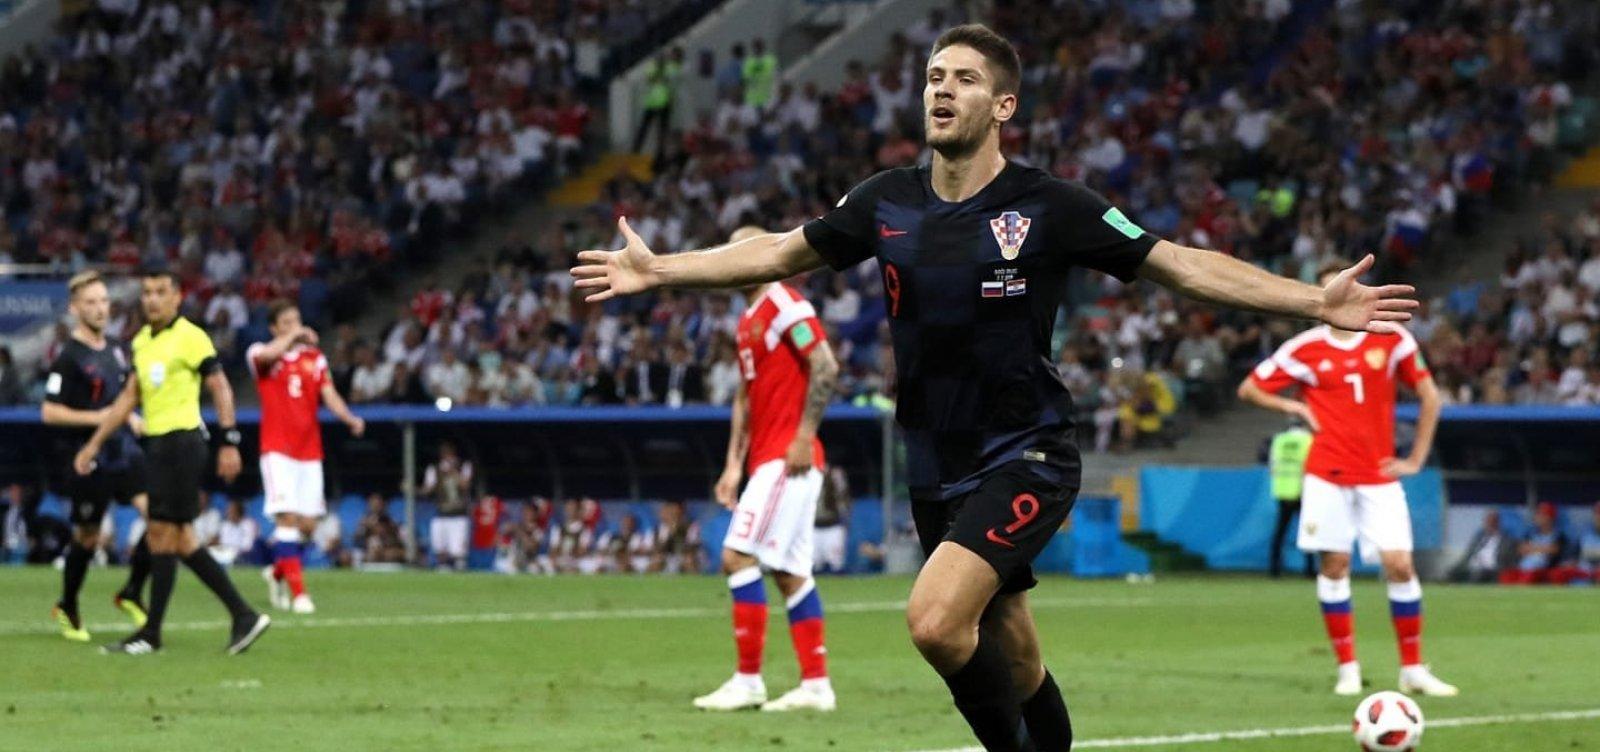 [Nos pênaltis, Croácia vence Rússia e chega à segunda semifinal, agora contra Inglaterra]